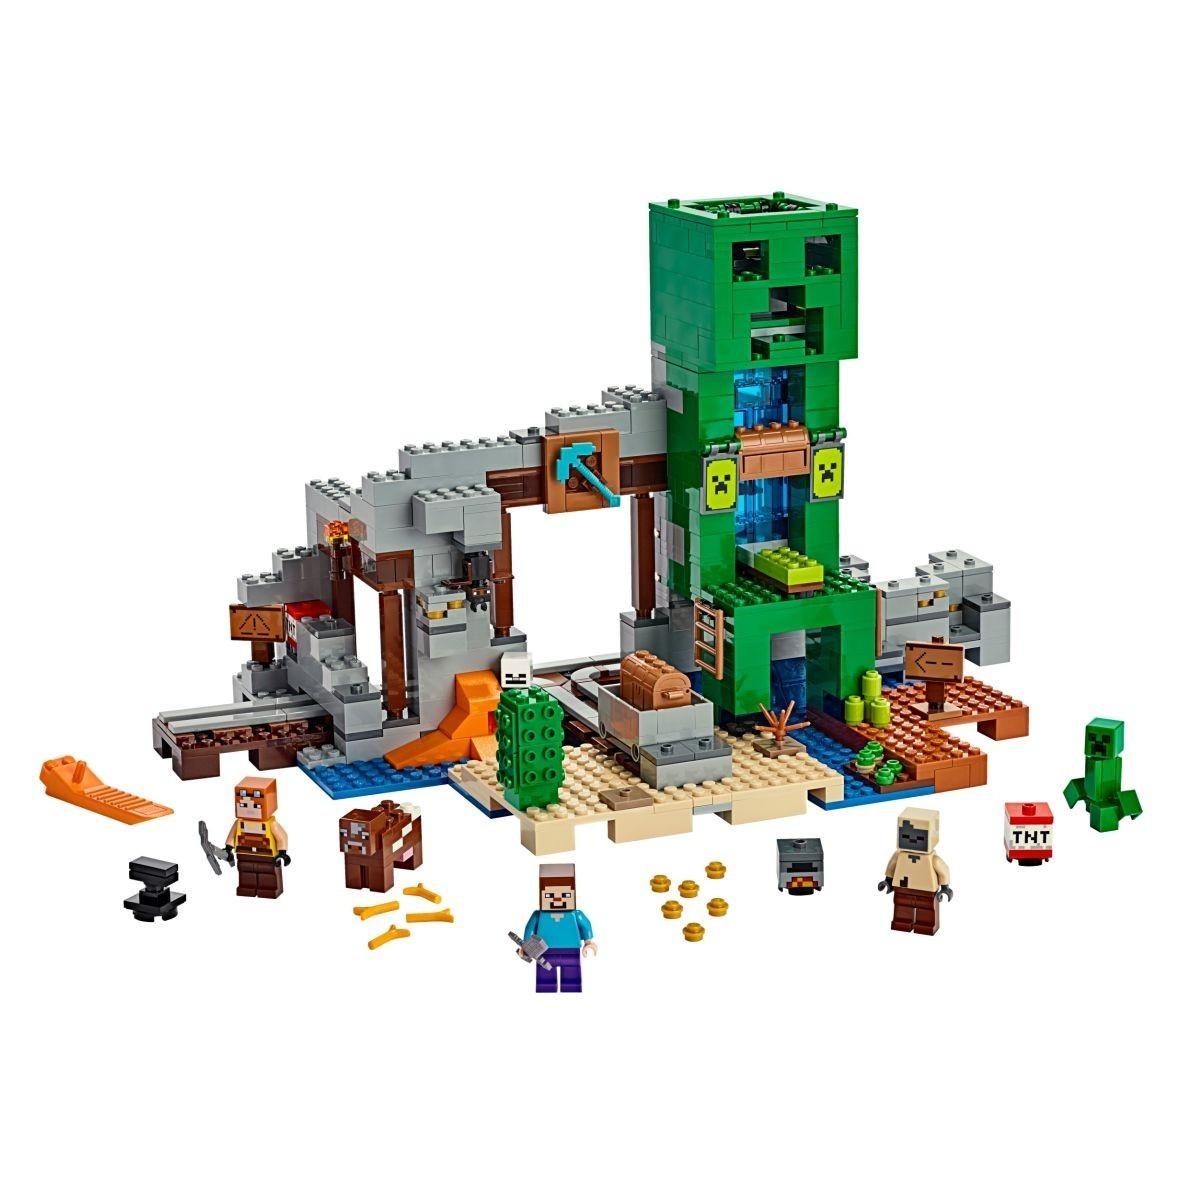 LEGO A MINI DE CREEPER MIN